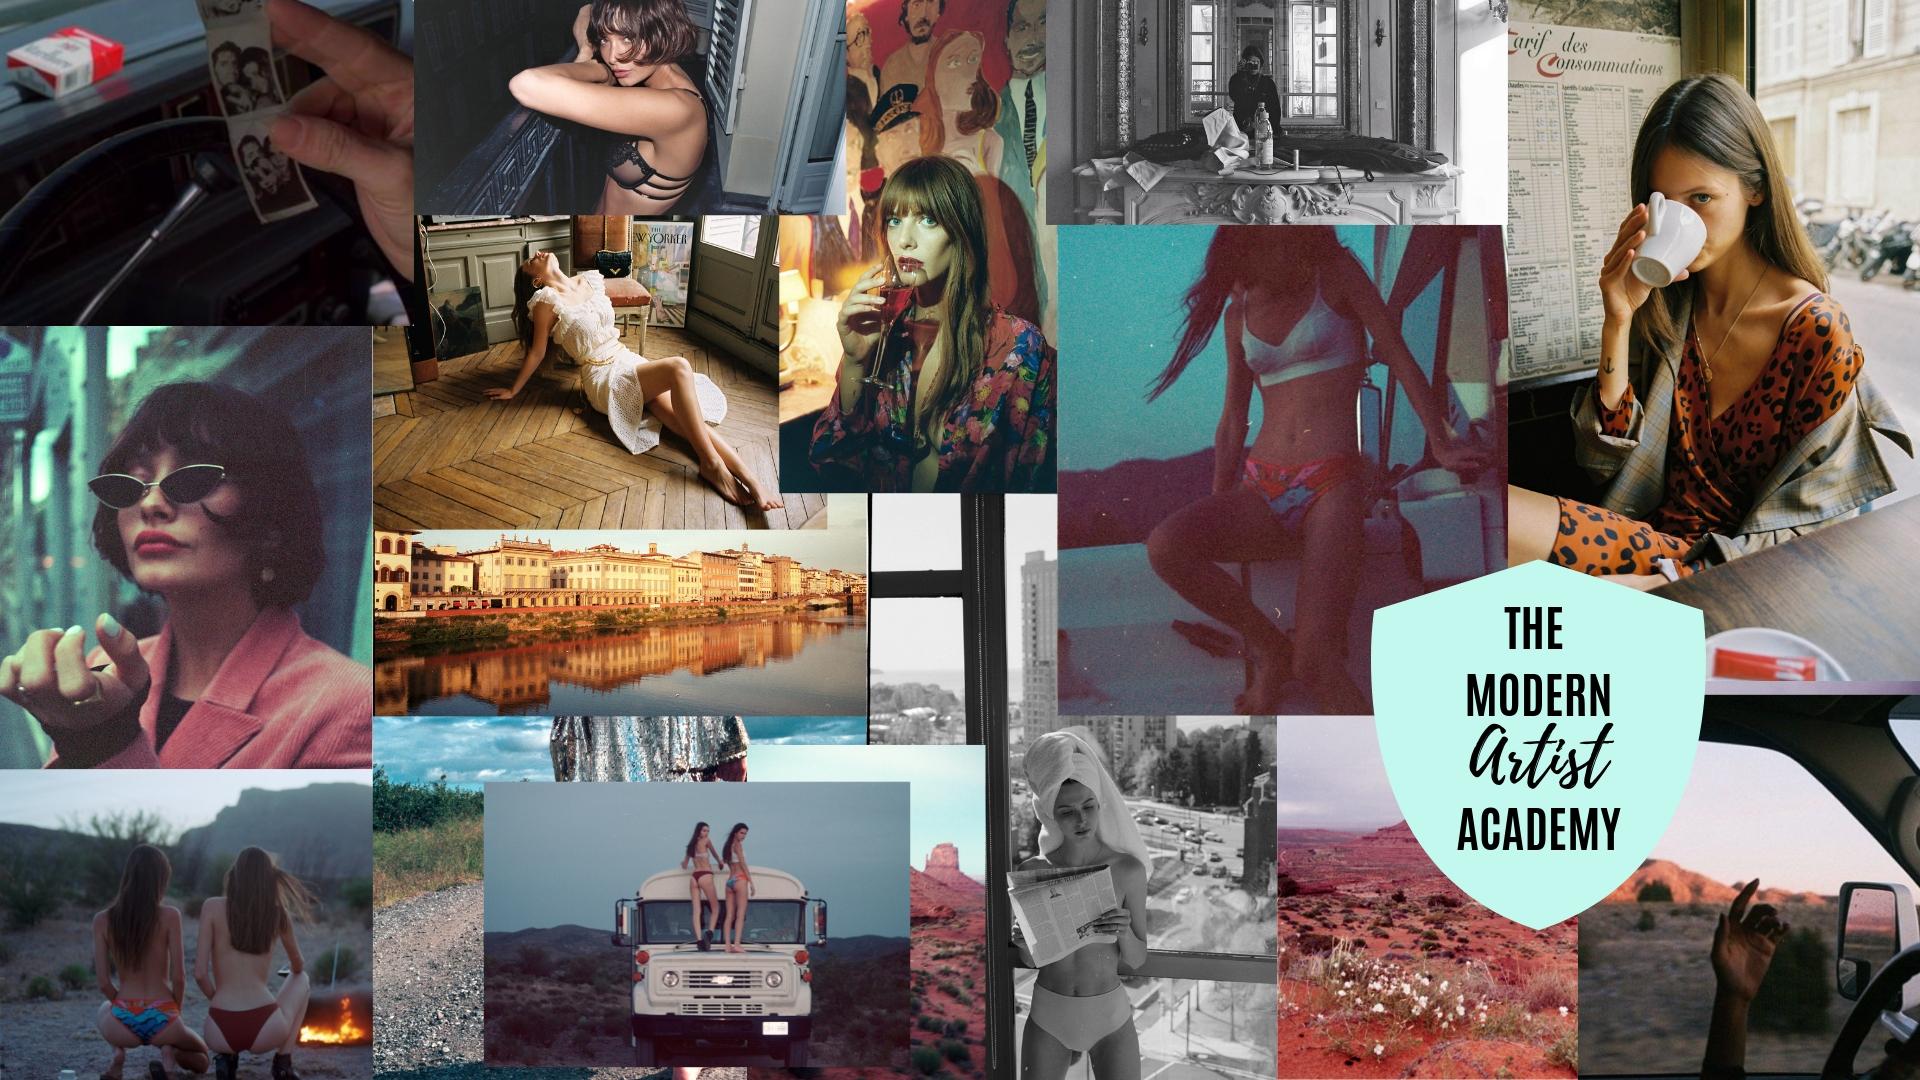 The Modern Artist Academy (2).jpg